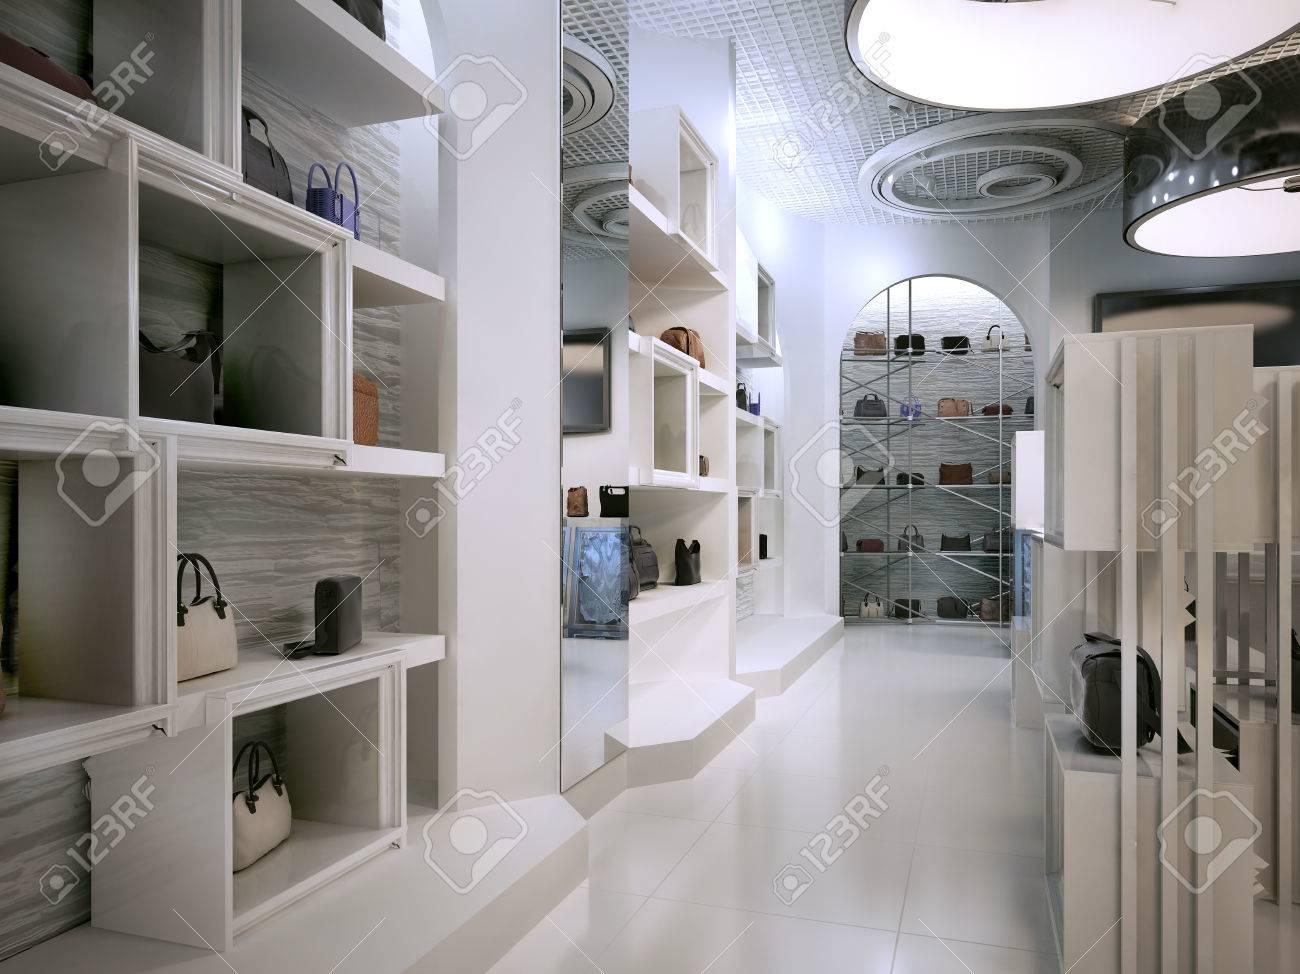 Magasin De Luxe Art De Design D intérieur De Style Déco Avec Des Notes De  Contemporain. Magasin Blanc Intérieur Avec Beaucoup D étagères. 5d140e02ef7e